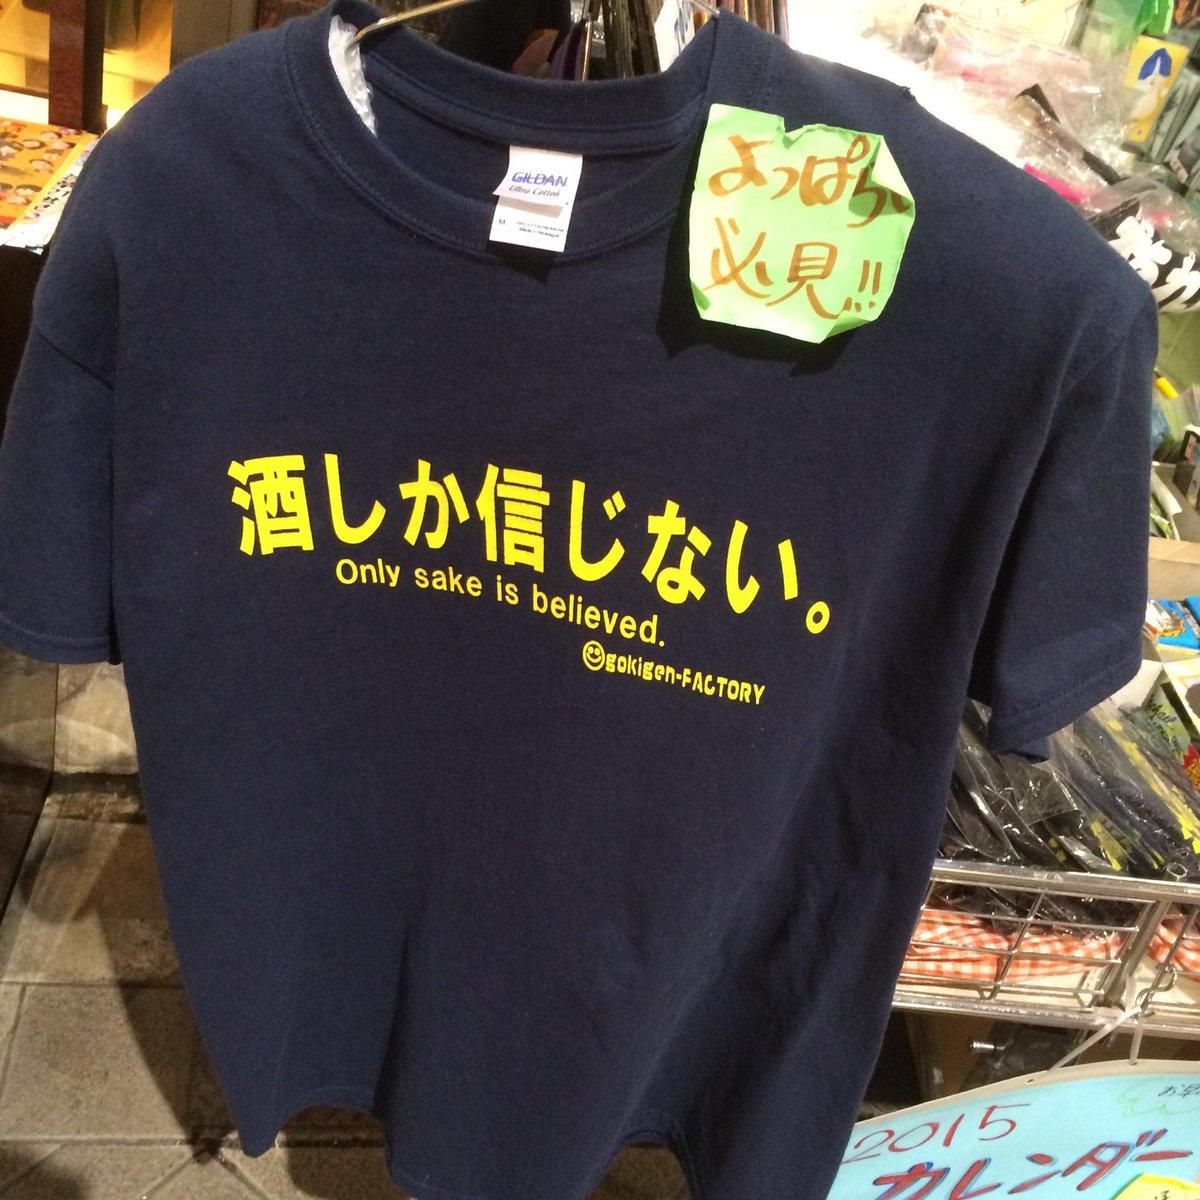 このTシャツが似合うフォロワさんが数名おるな pic.twitter.com/3N950F3RdX